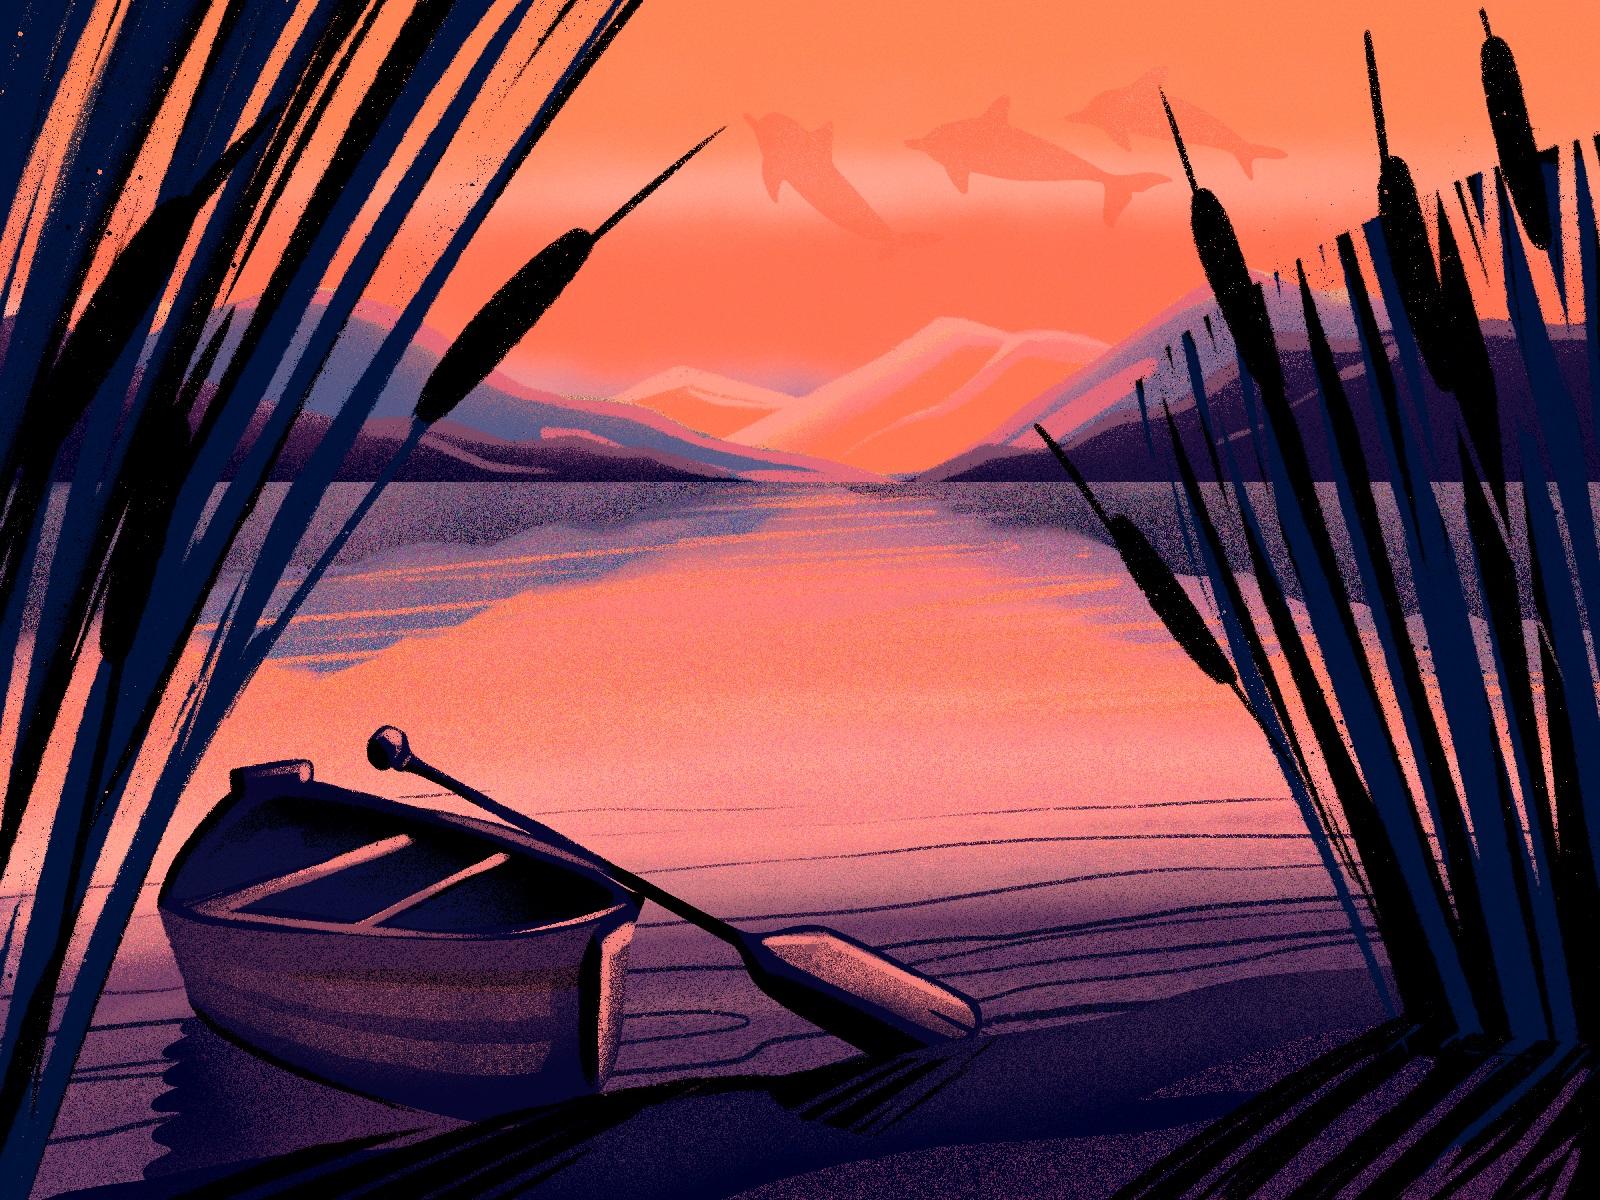 limited color illustration